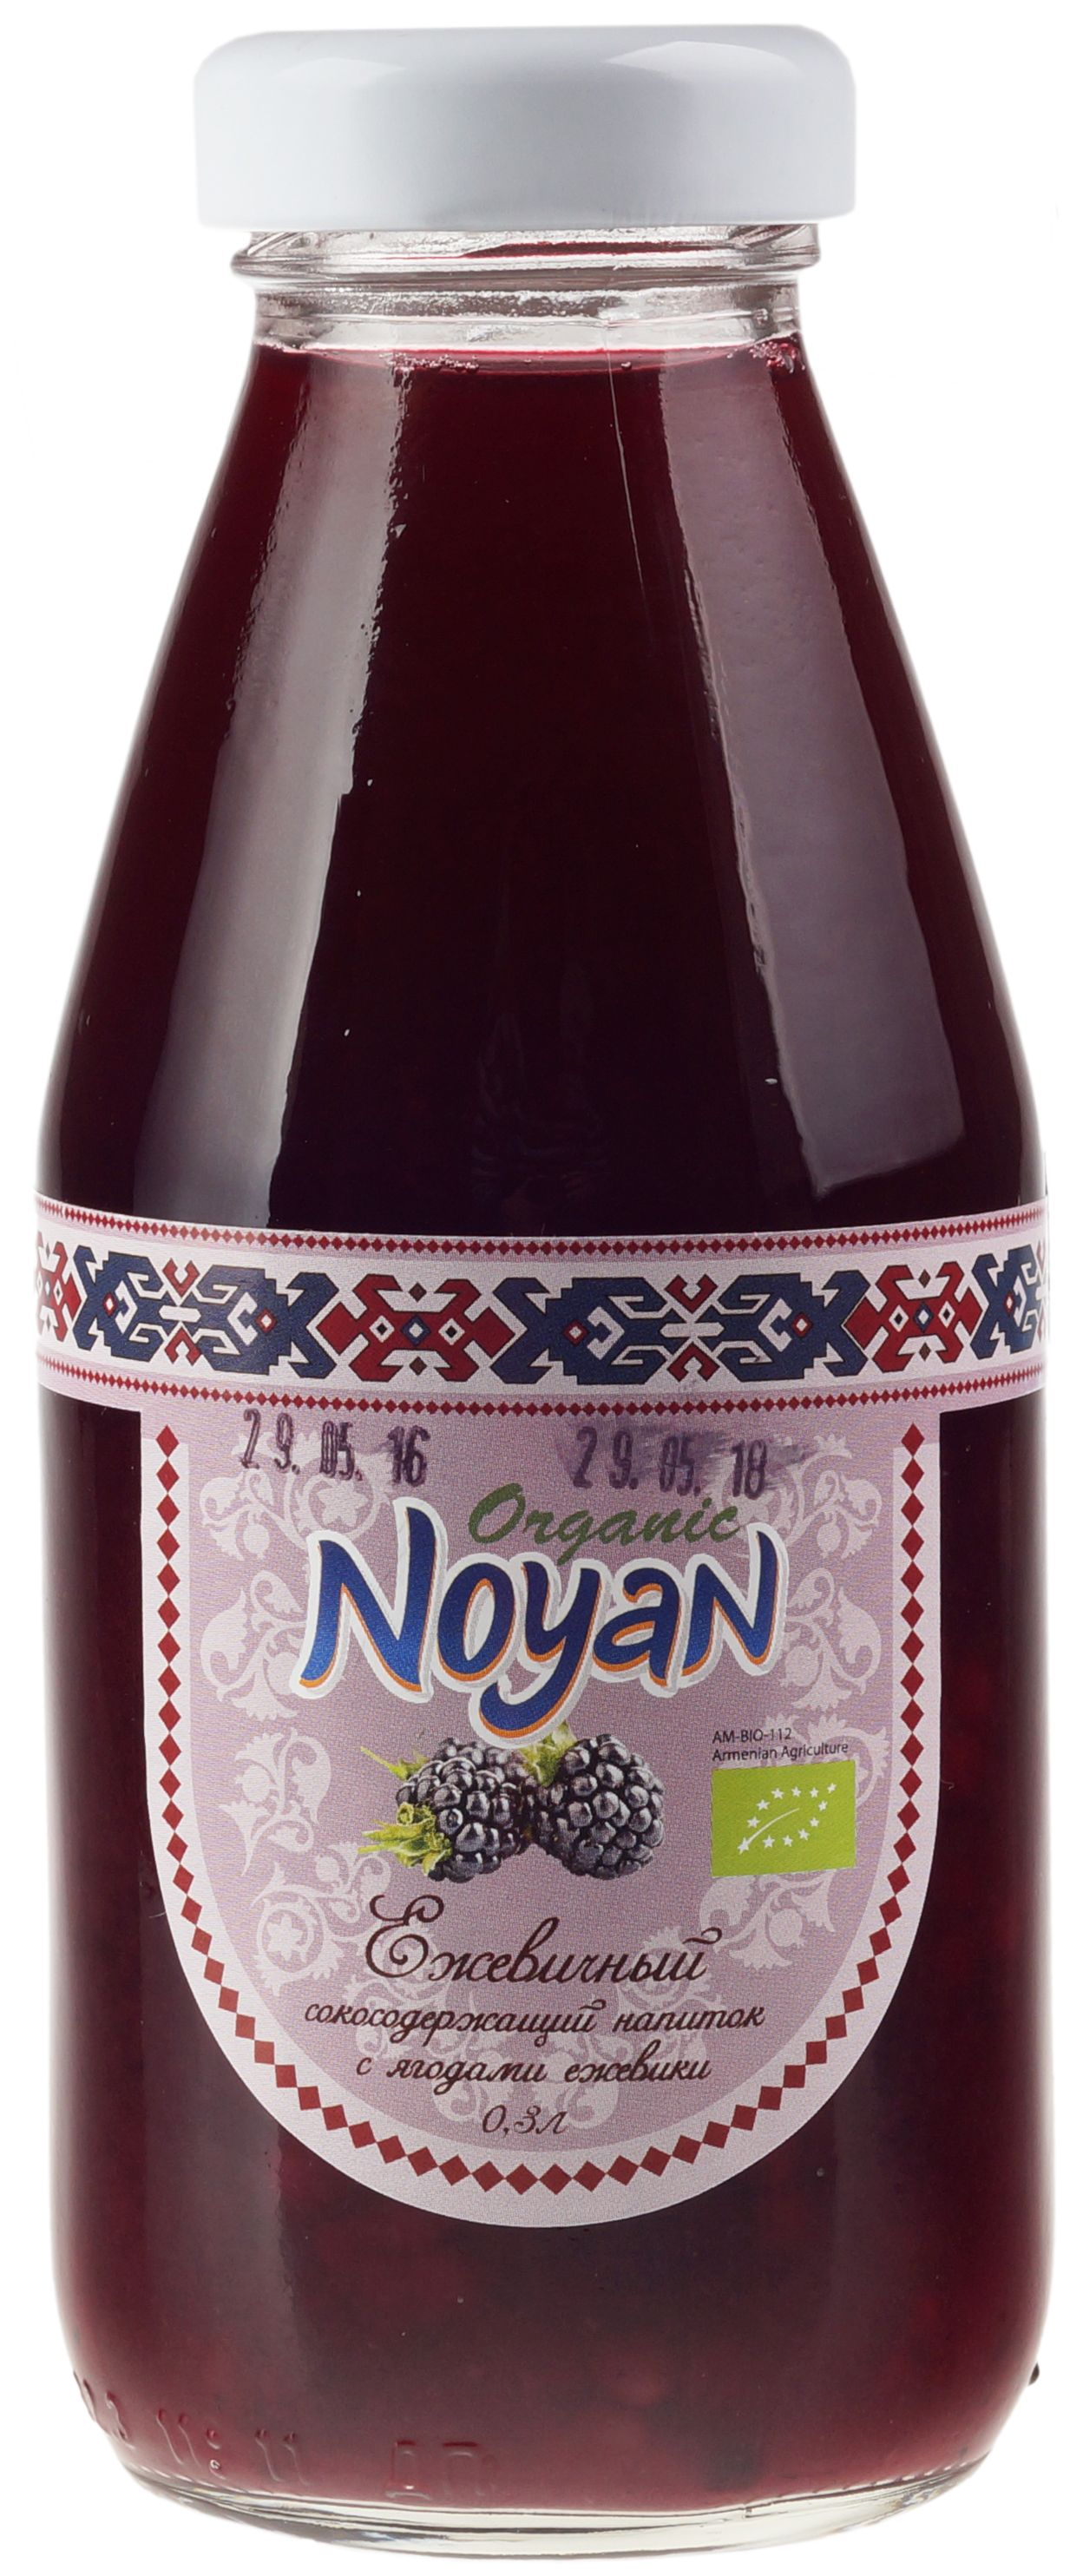 Ежевичный напиток с ягодами 330мл Ноян, органик